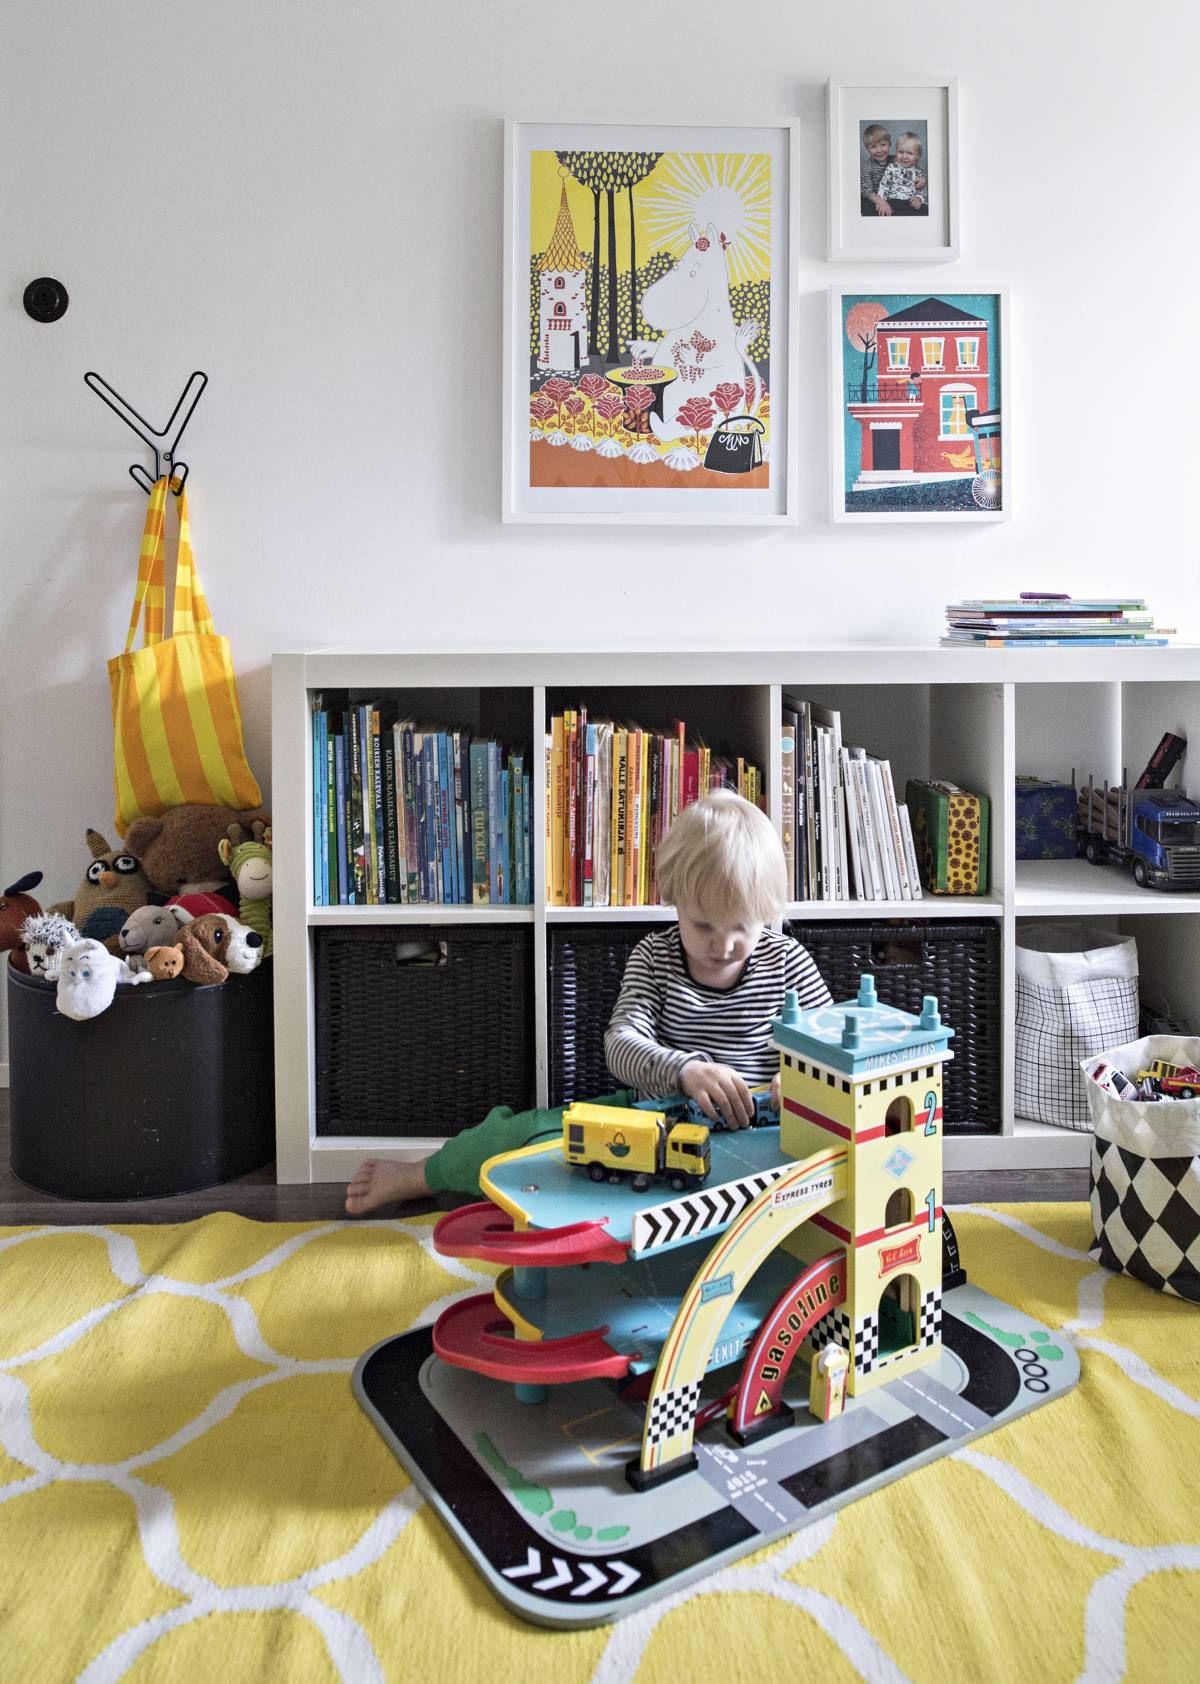 Päiväkodin jälkeen Niilo jatkaa leikkejä kotonaan. Lastenhuoneen hylly ja matto ovat Ikeasta. Kehyksissä on TaiKin joulumyyjäisistä ostettuja talvikuvia. Muumikuva on Niilon kummitädiltä.